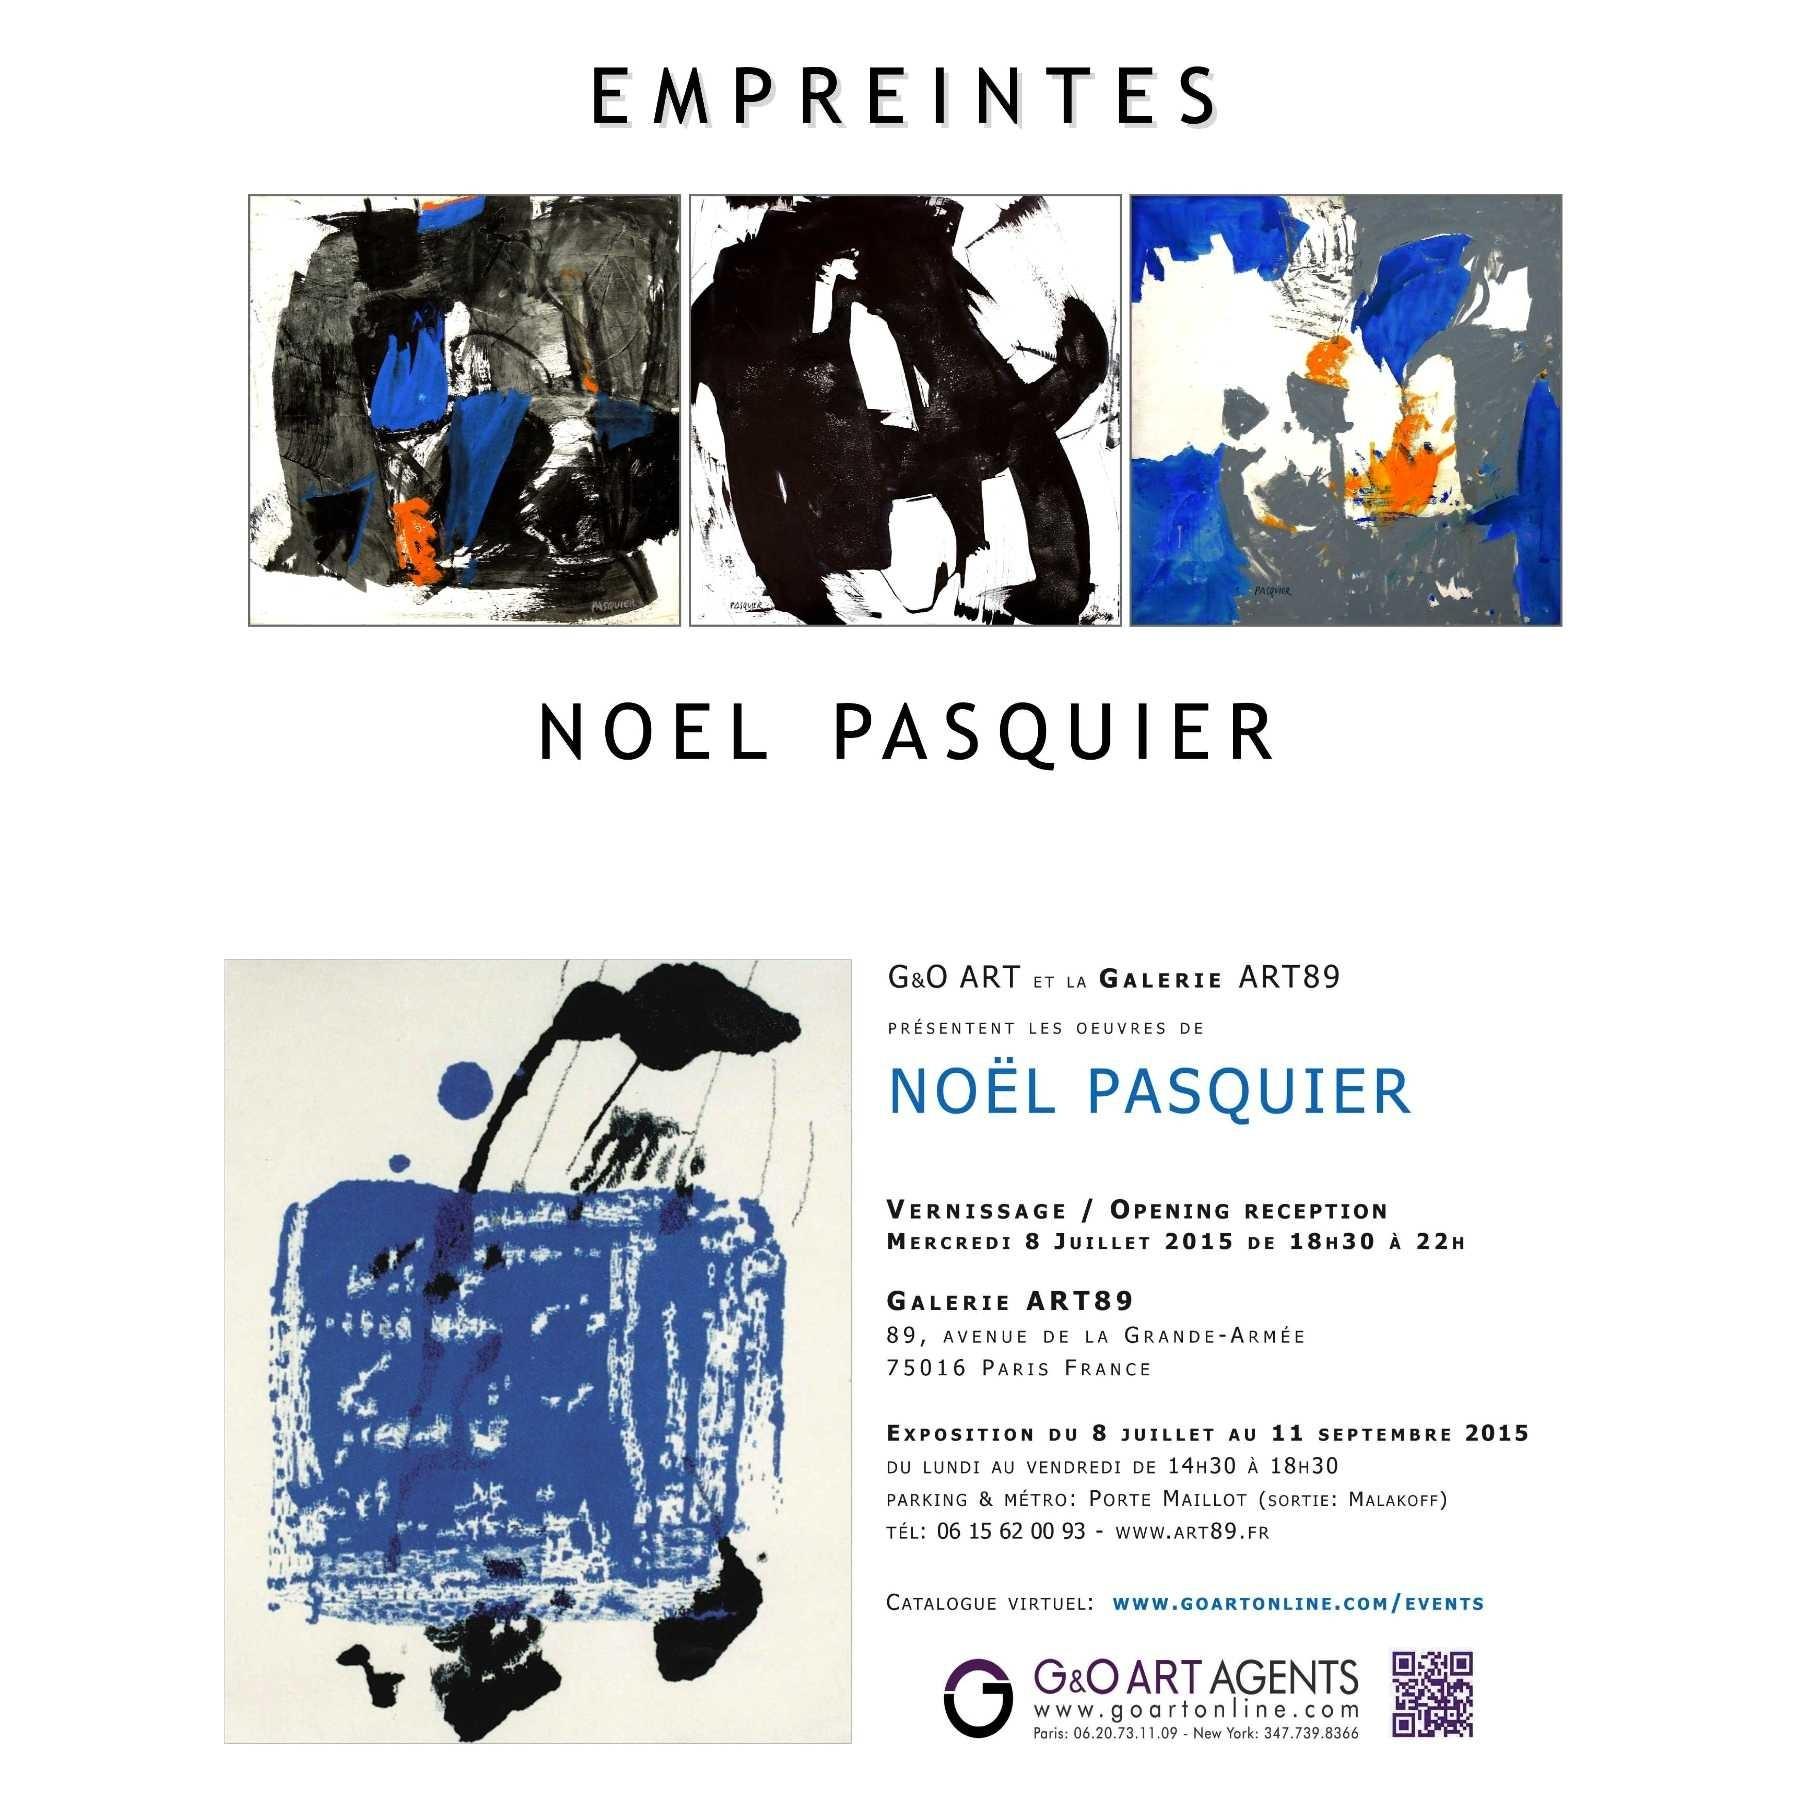 Pasquer at ART89